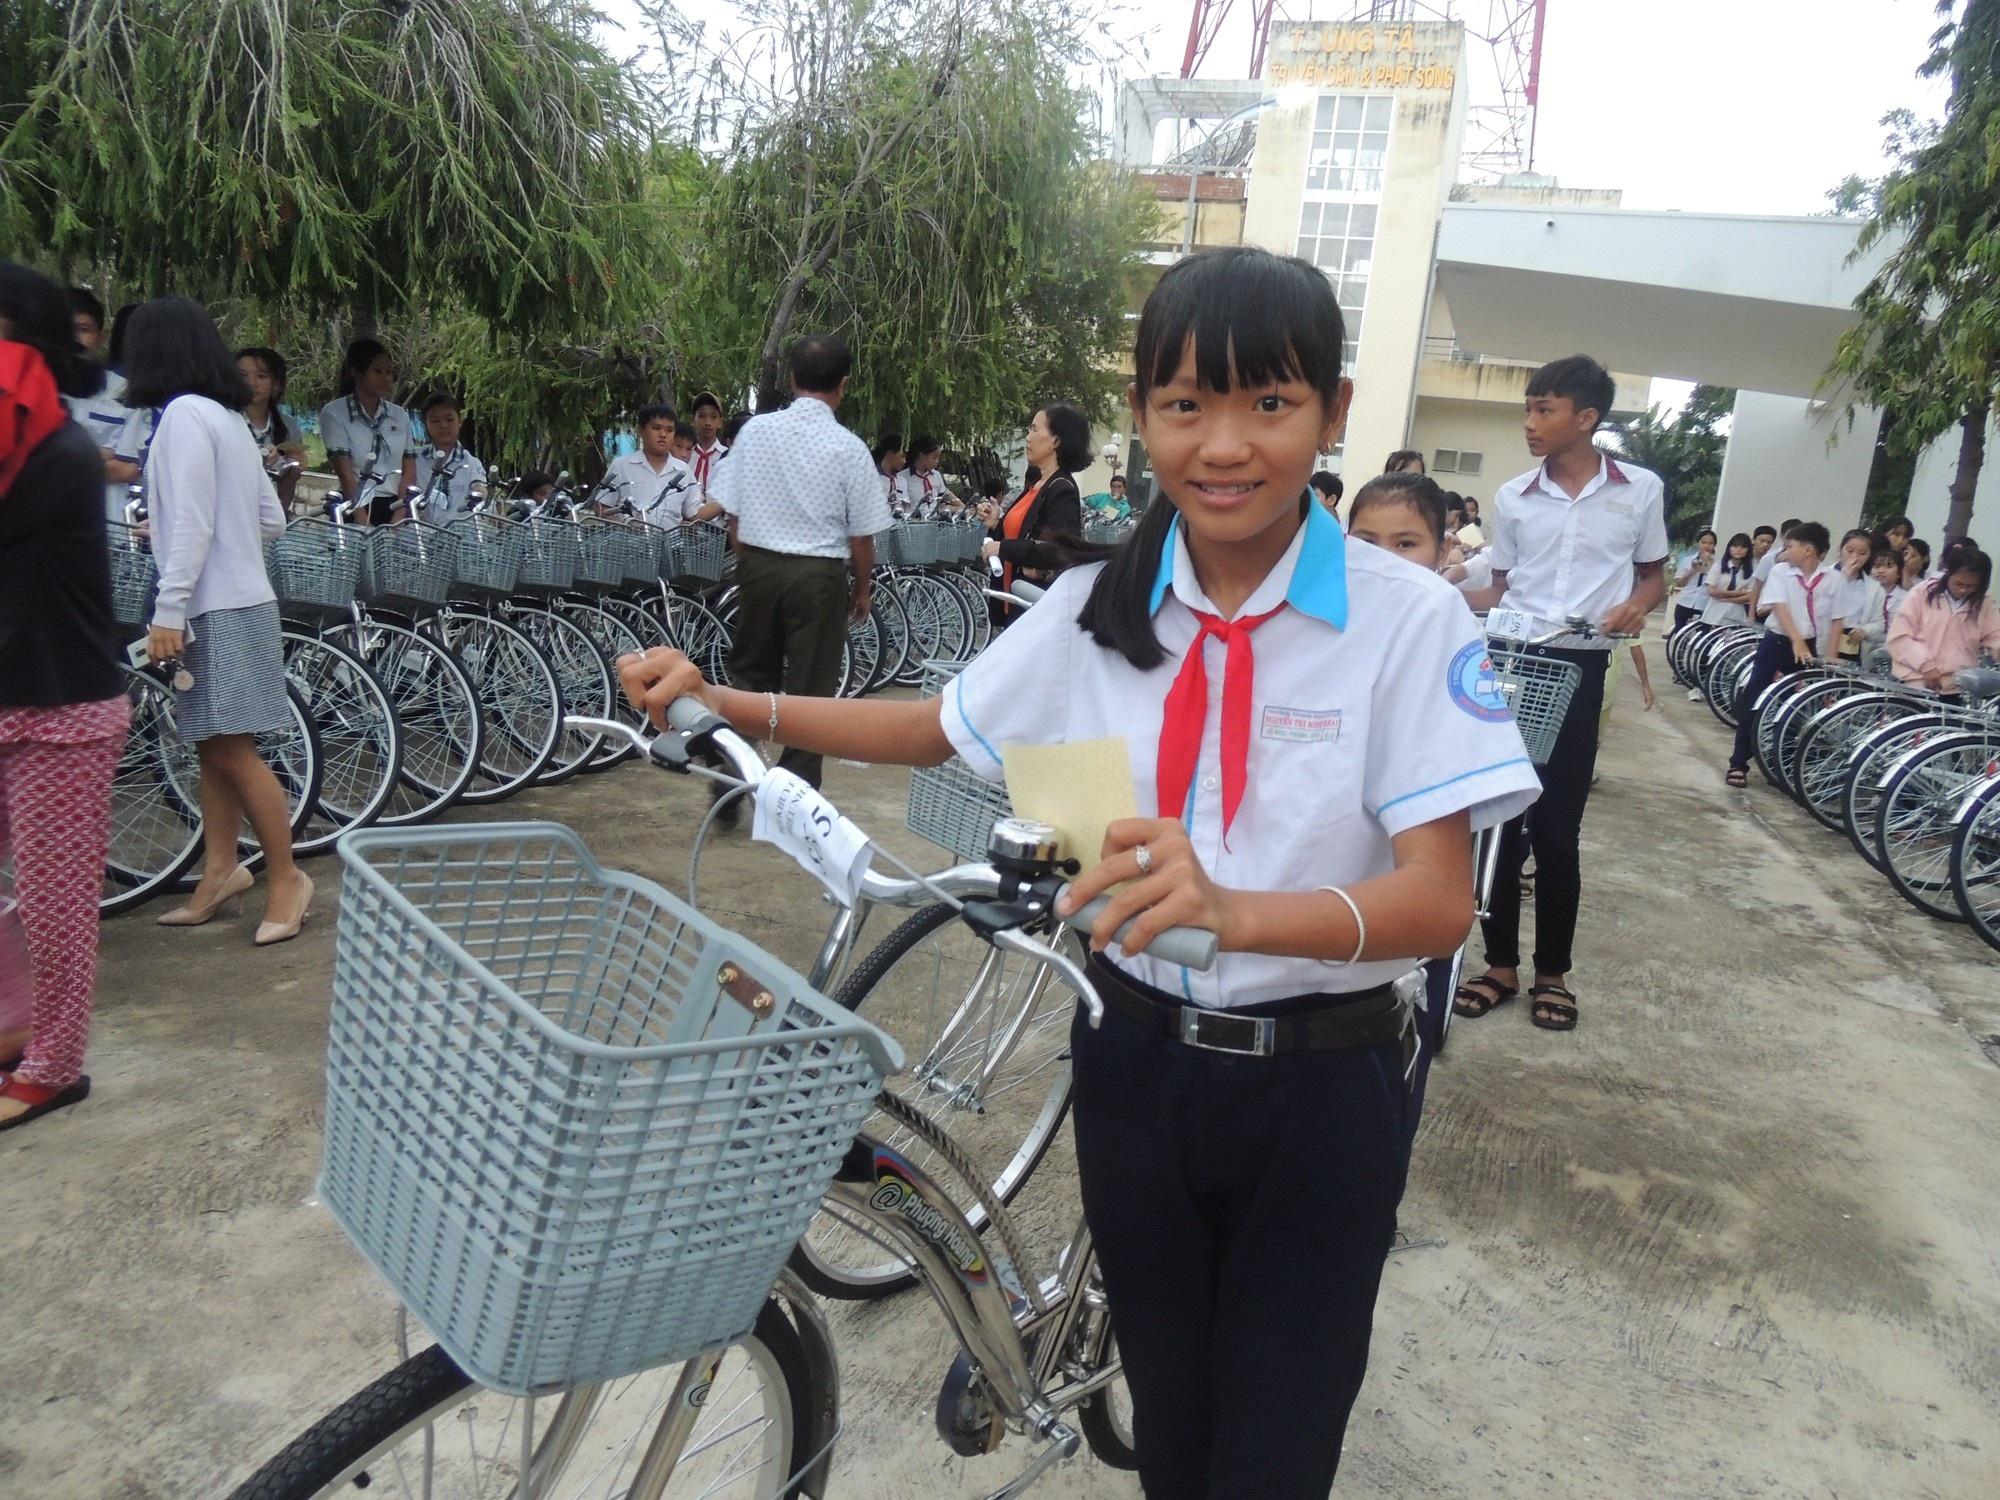 Hội Khuyến học tỉnh Ninh Thuận tặng xe đạp cho 208 học sinh nghèo - Ảnh 2.